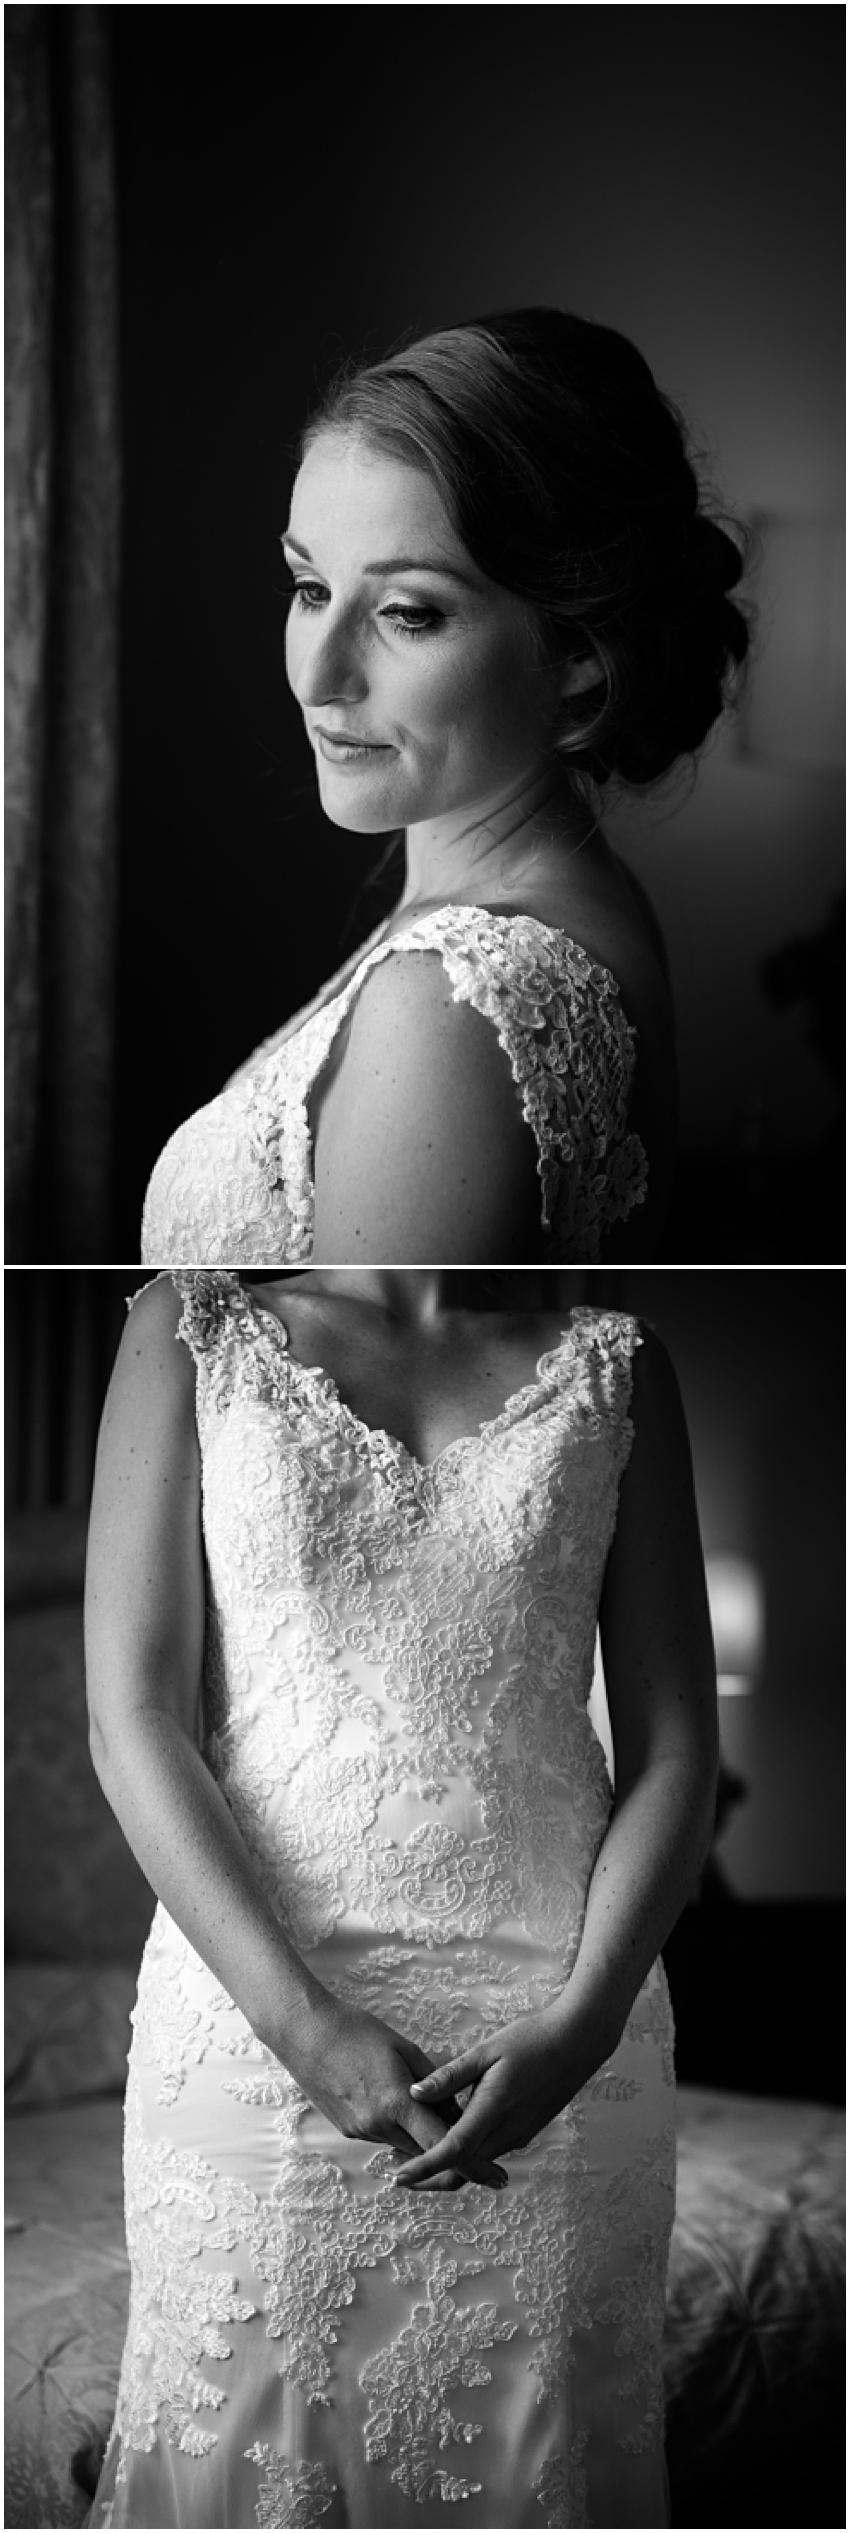 Wedding Photography - AlexanderSmith_4814.jpg